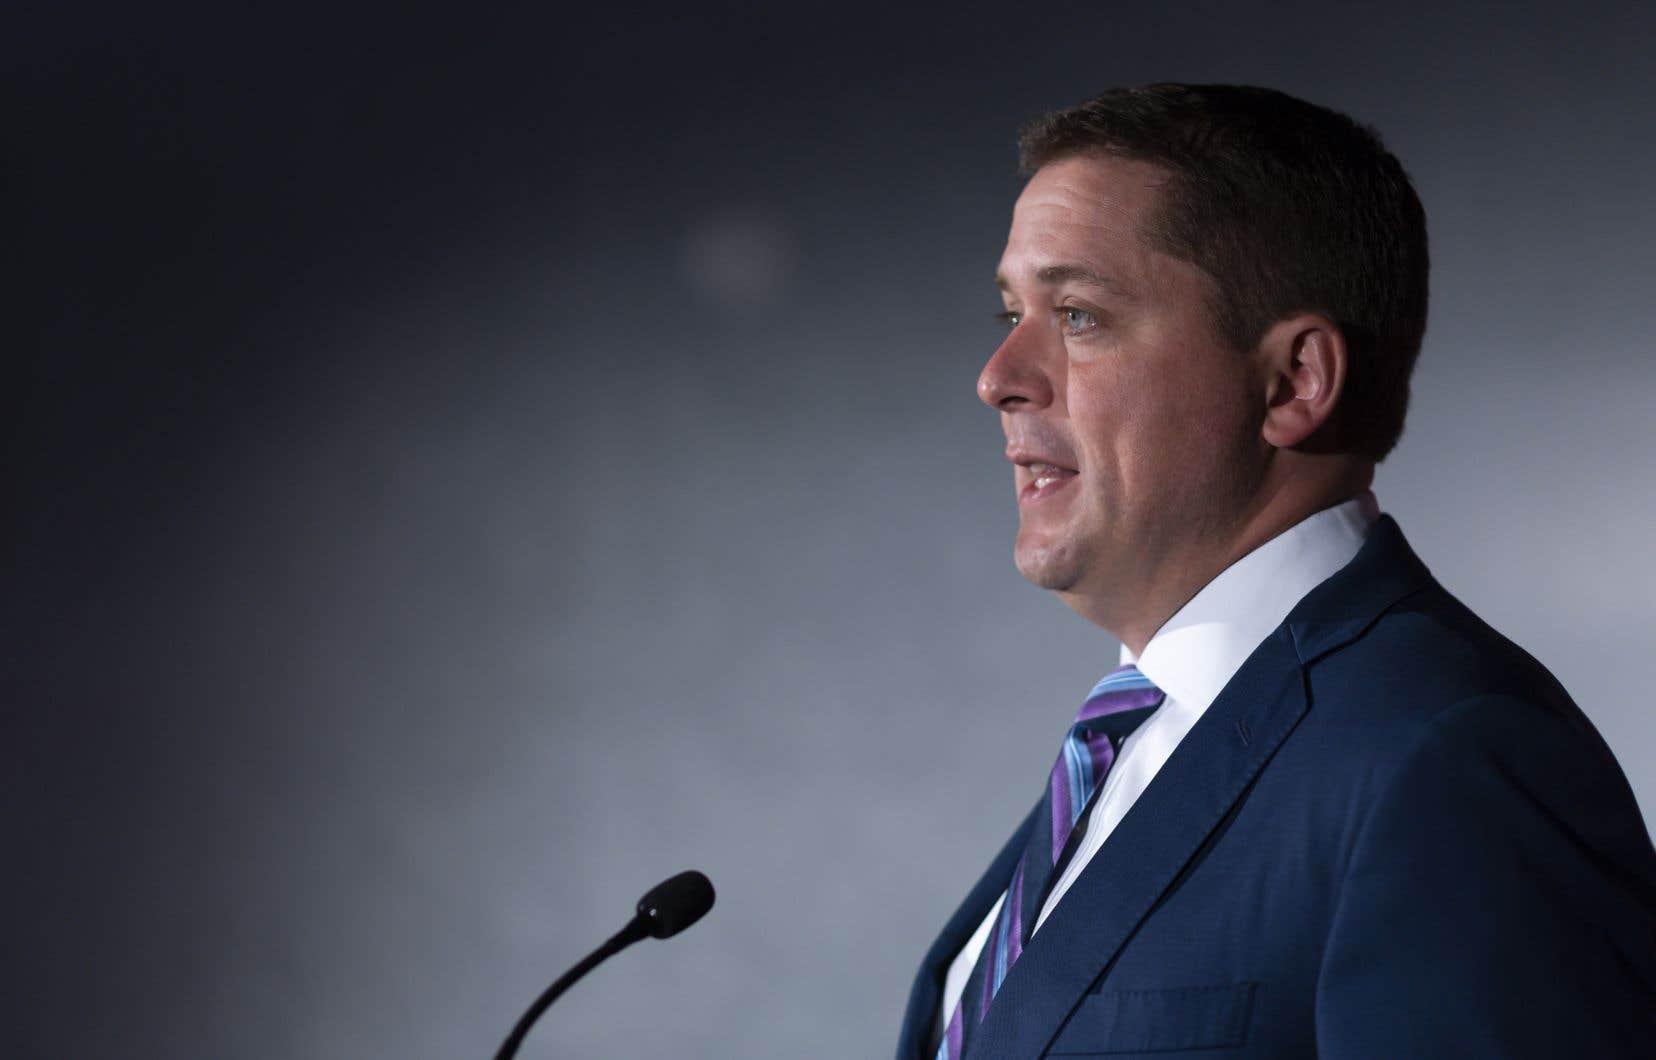 Andrew Scheer a écrit lundi à la GRC pour lui suggérer d'enquêter sur une possible «entrave à la justice» de Justin Trudeau dans le dossier SNC-Lavalin.